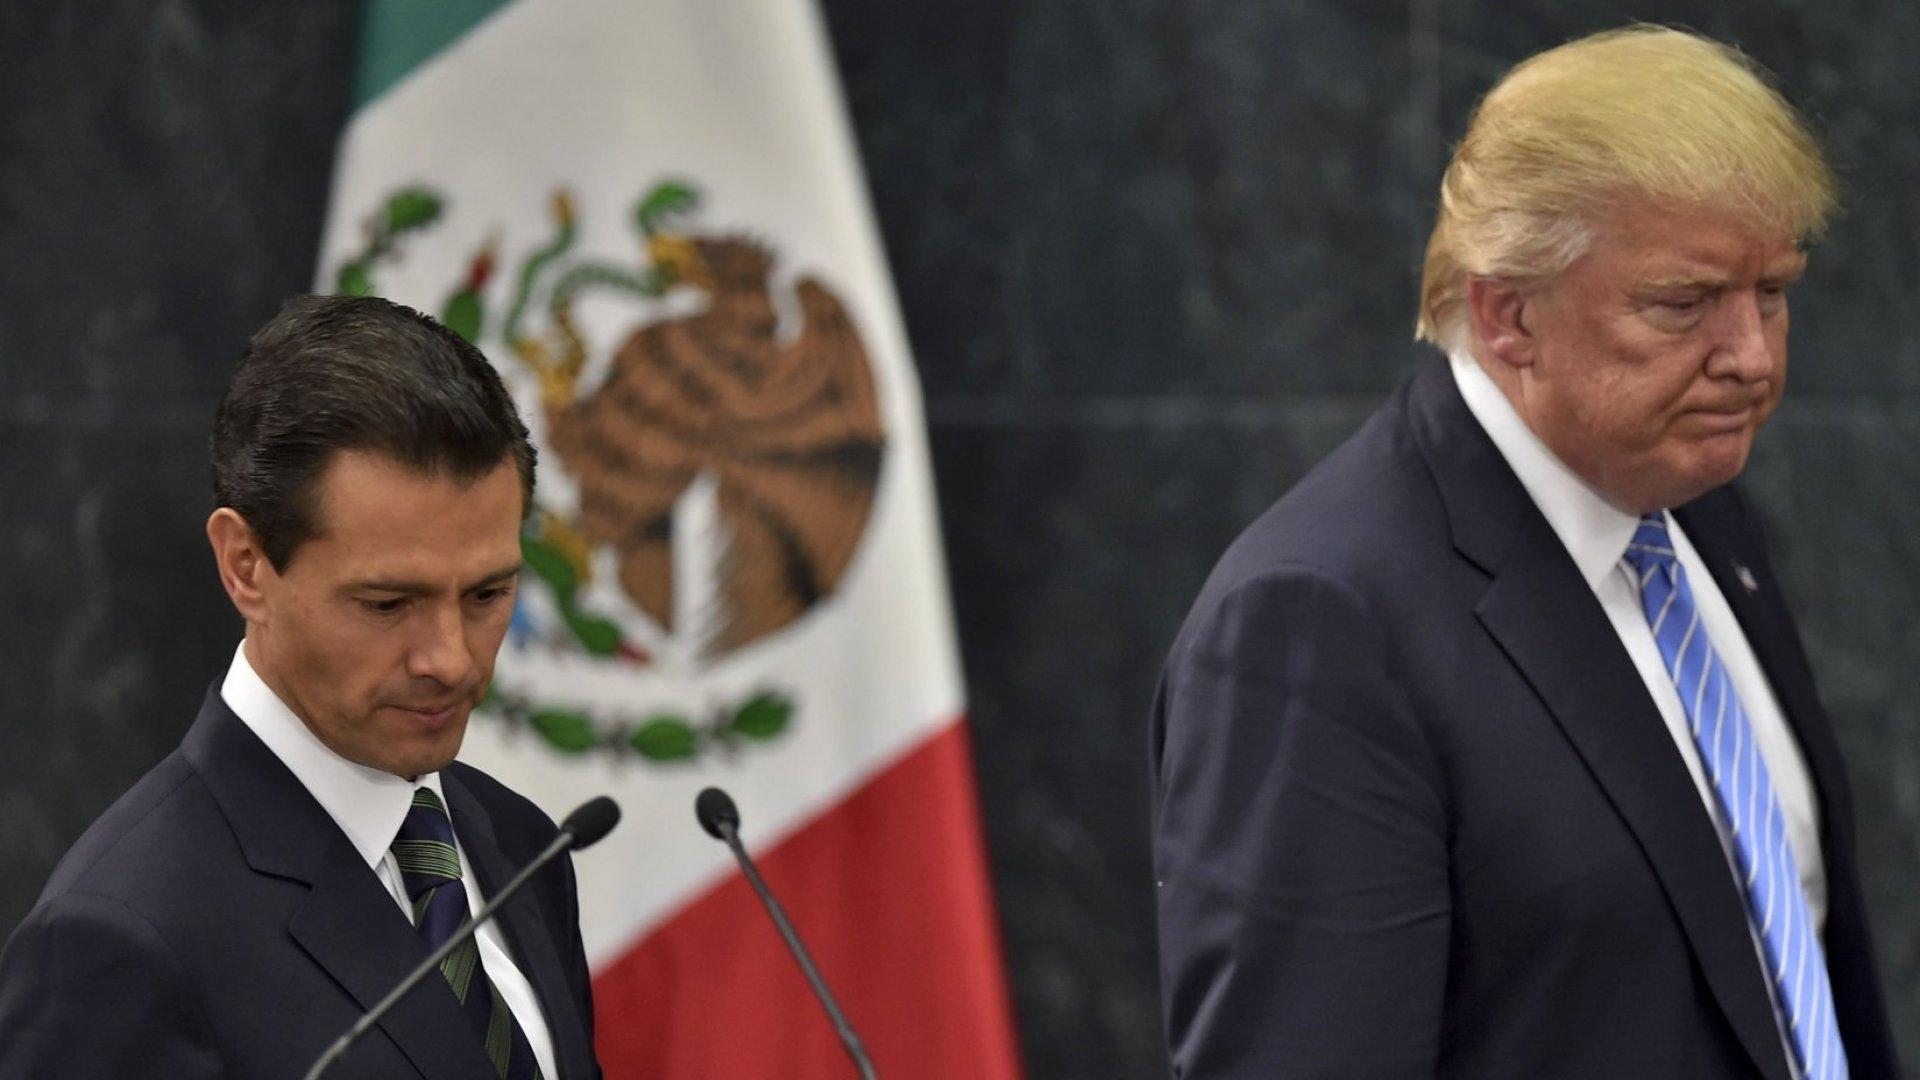 Enrique Peña Nieto, Mexico's president, with President-elect Donald Trump.